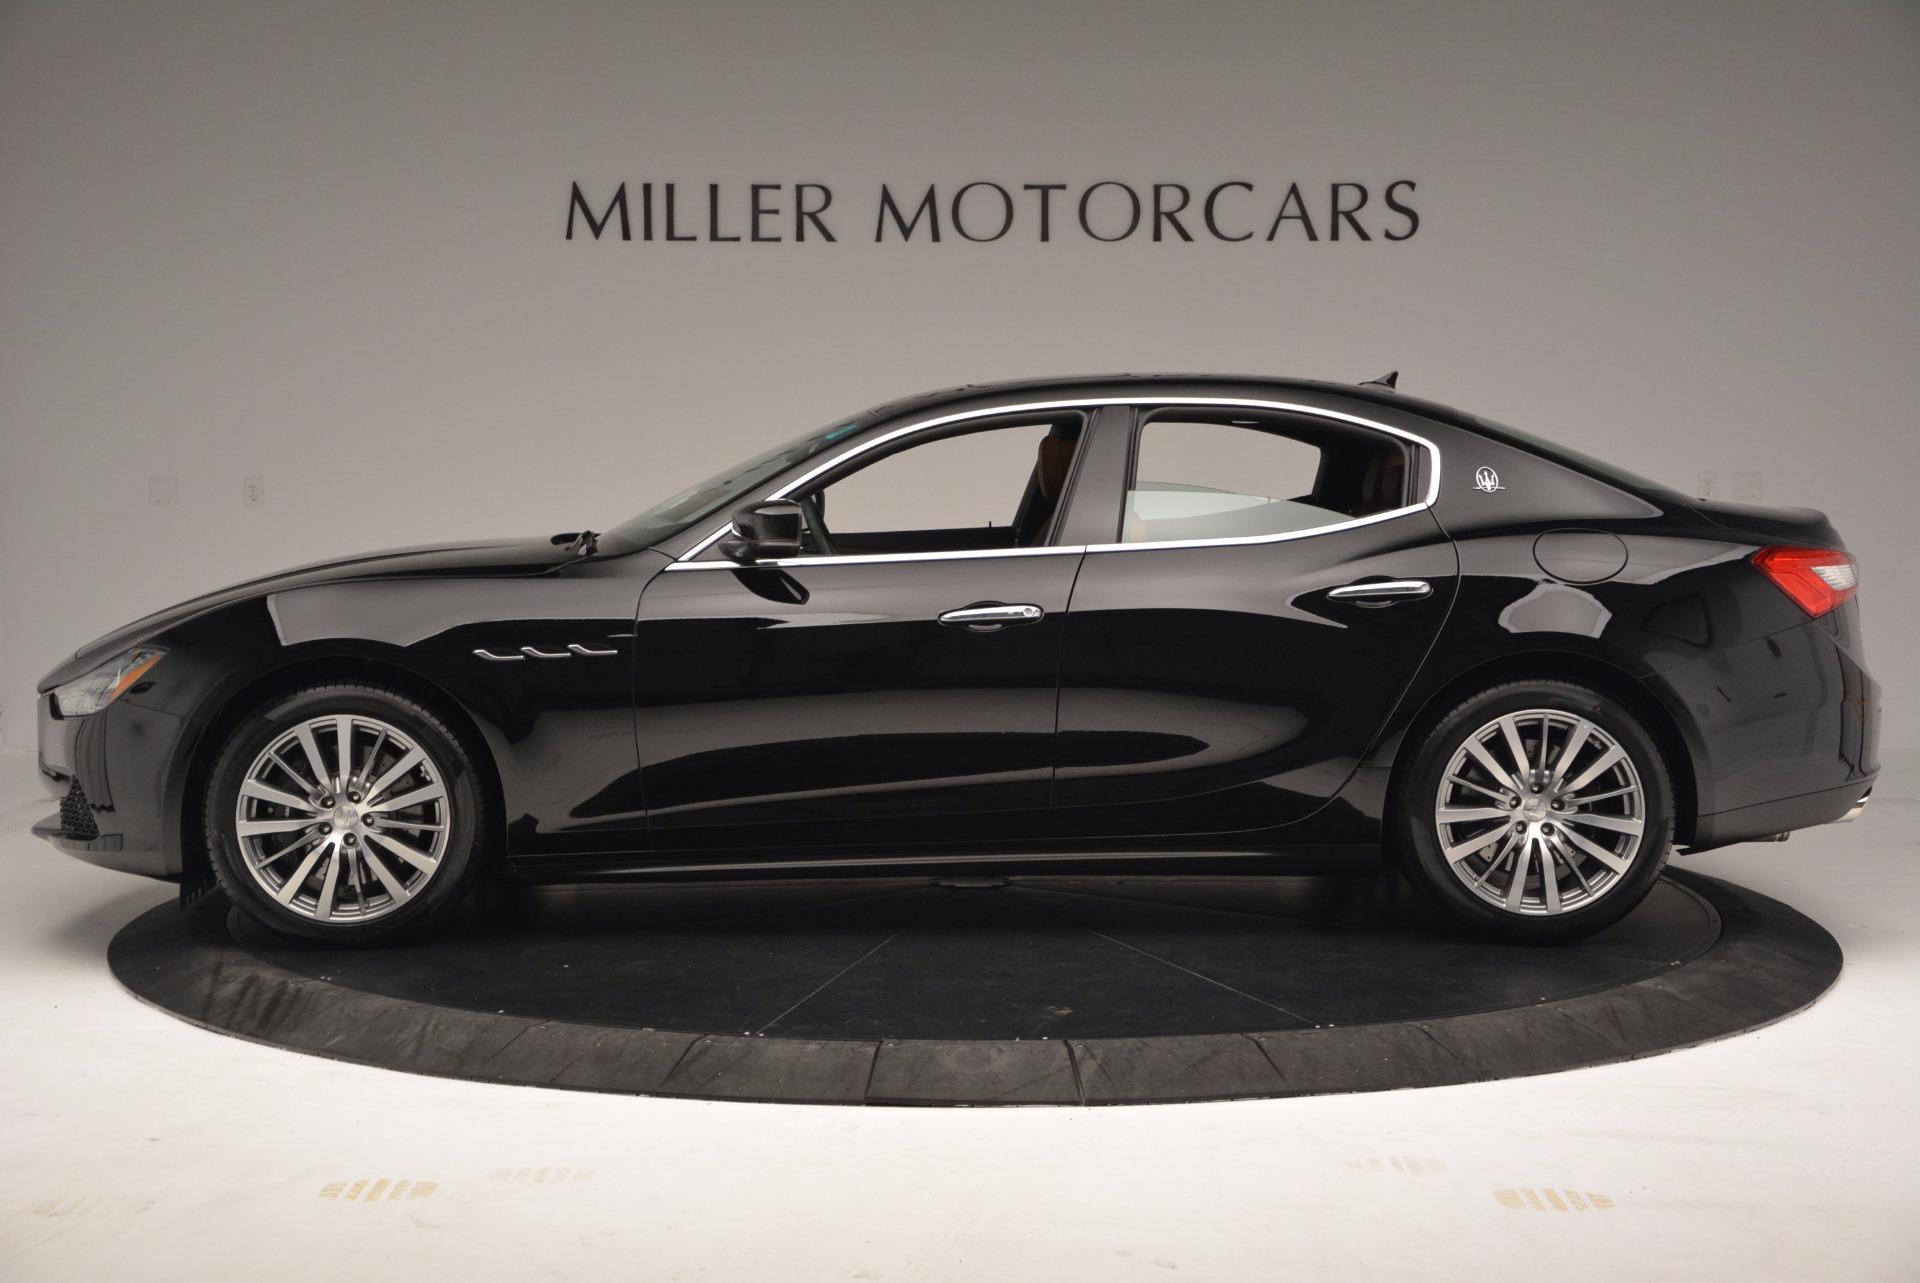 New 2017 Maserati Ghibli SQ4 For Sale In Greenwich, CT 1043_p3